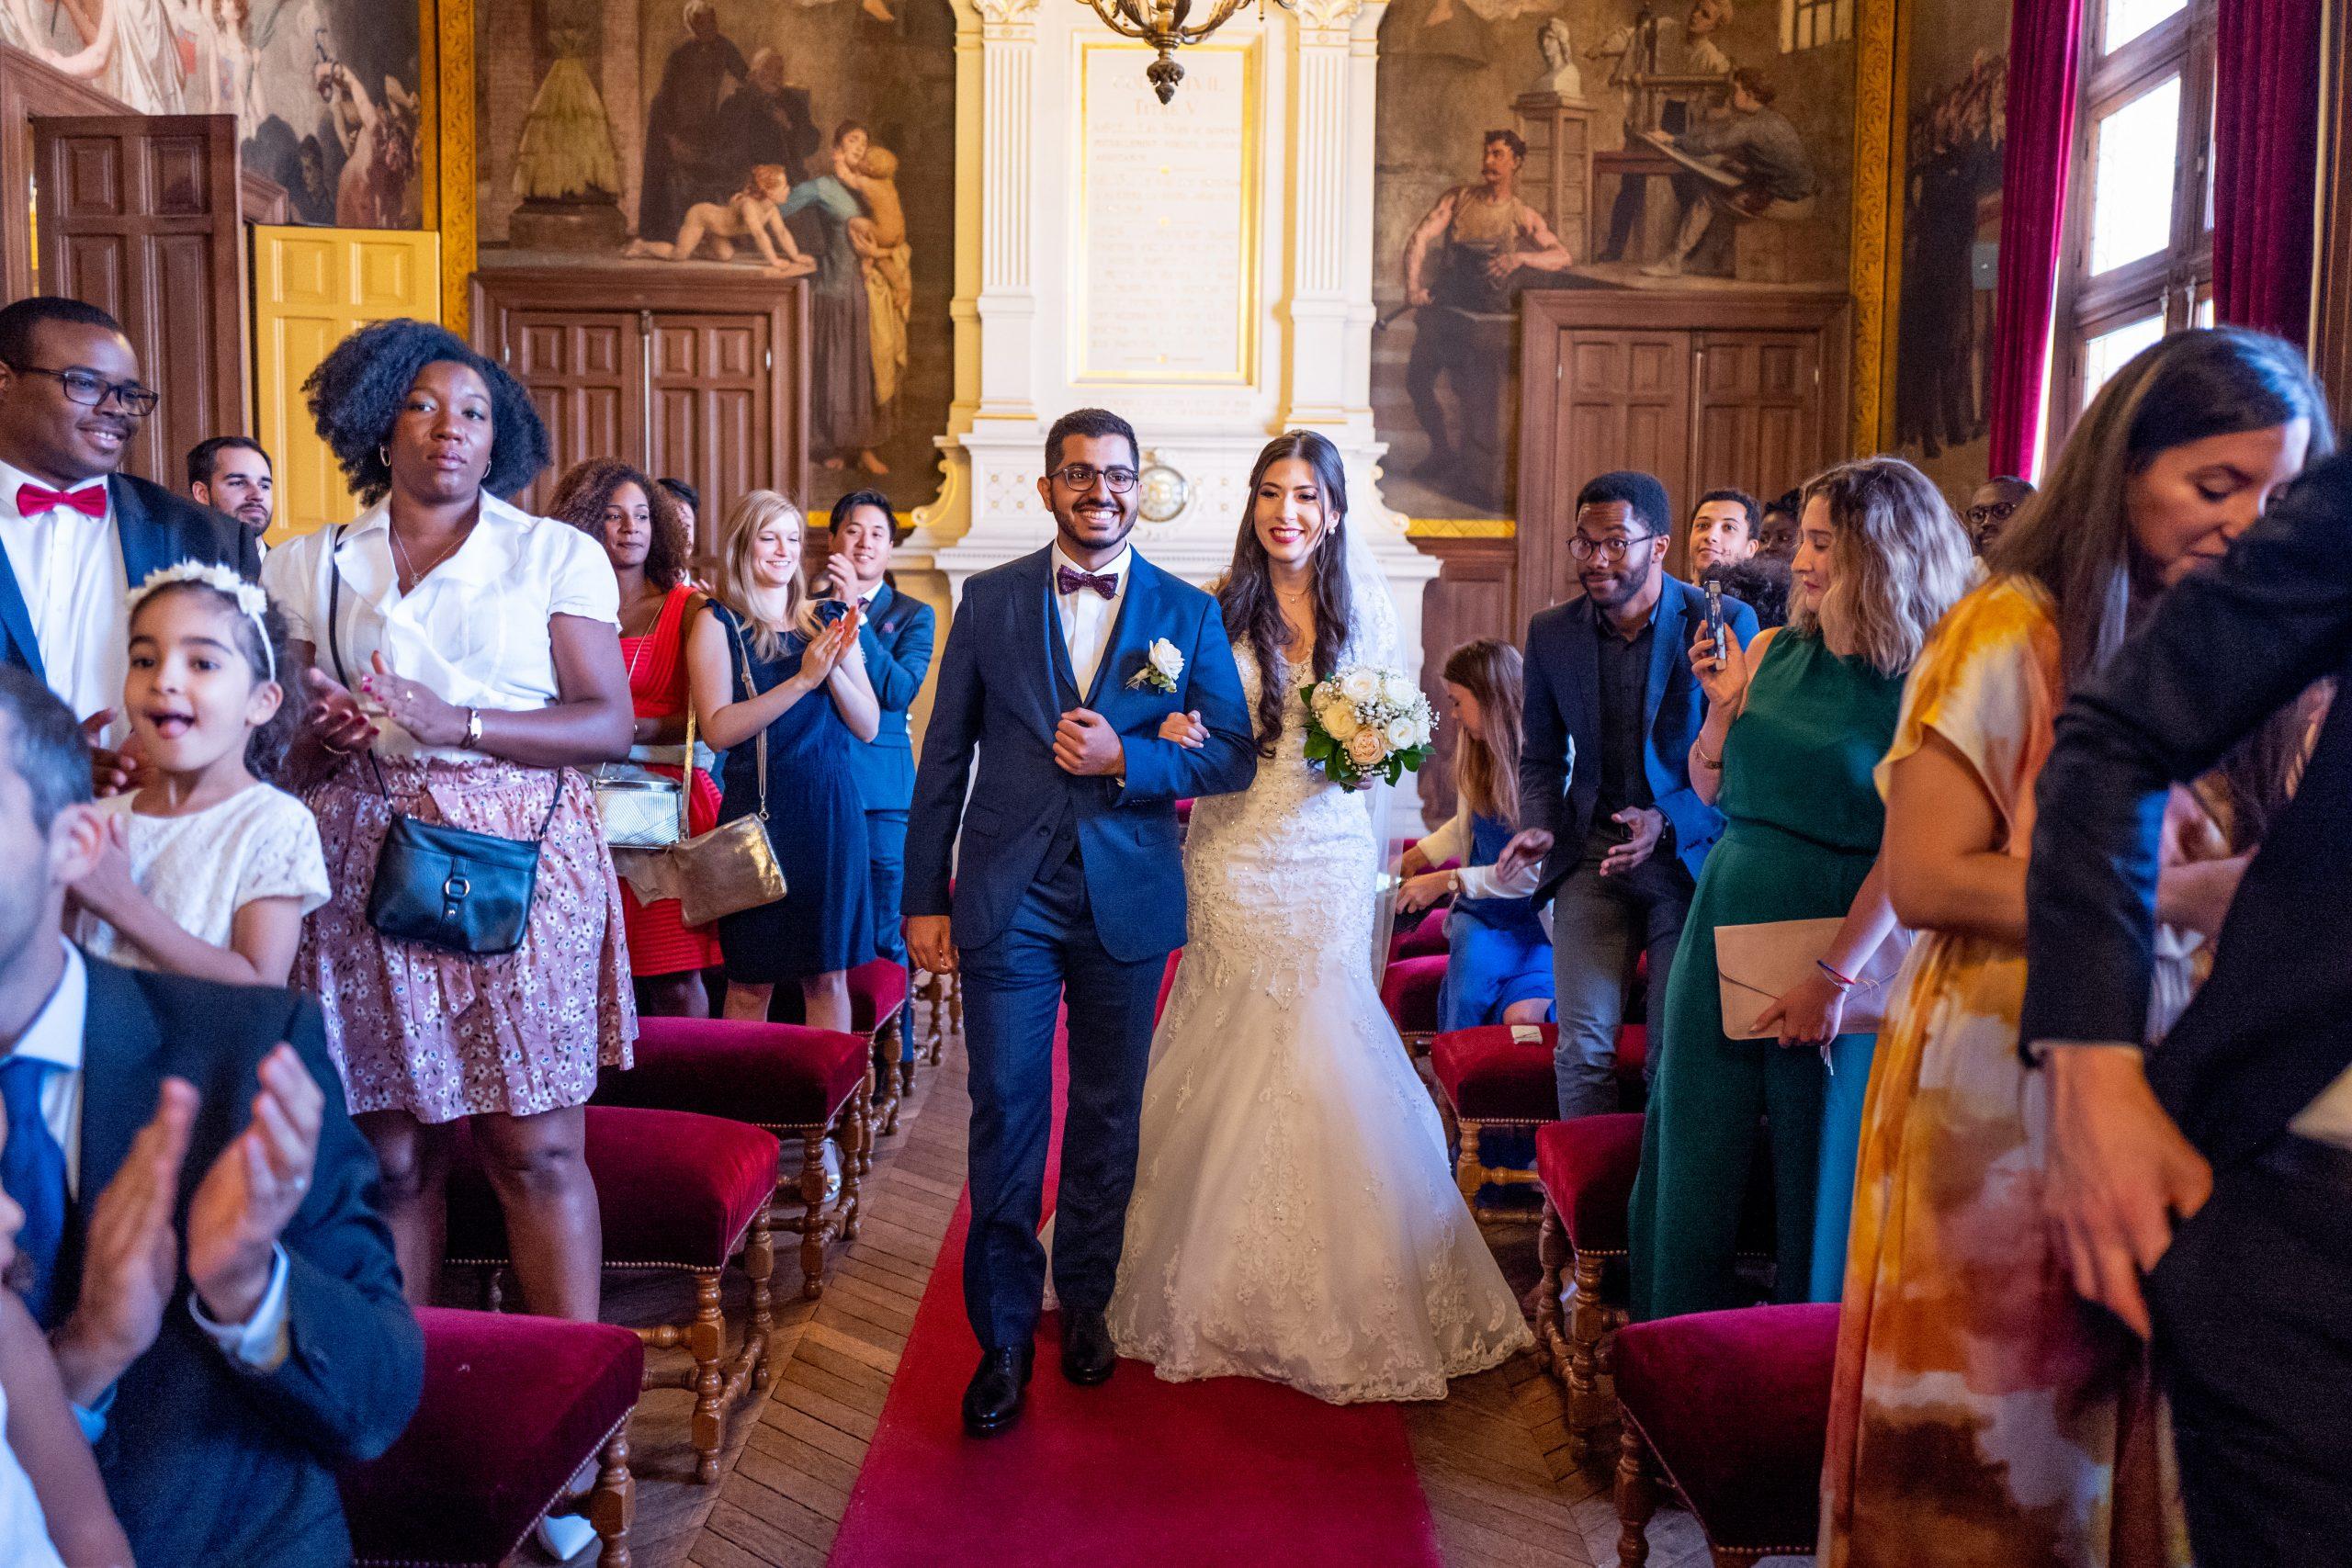 Photographe de mariage Mairie 20ème arrondissement Paris